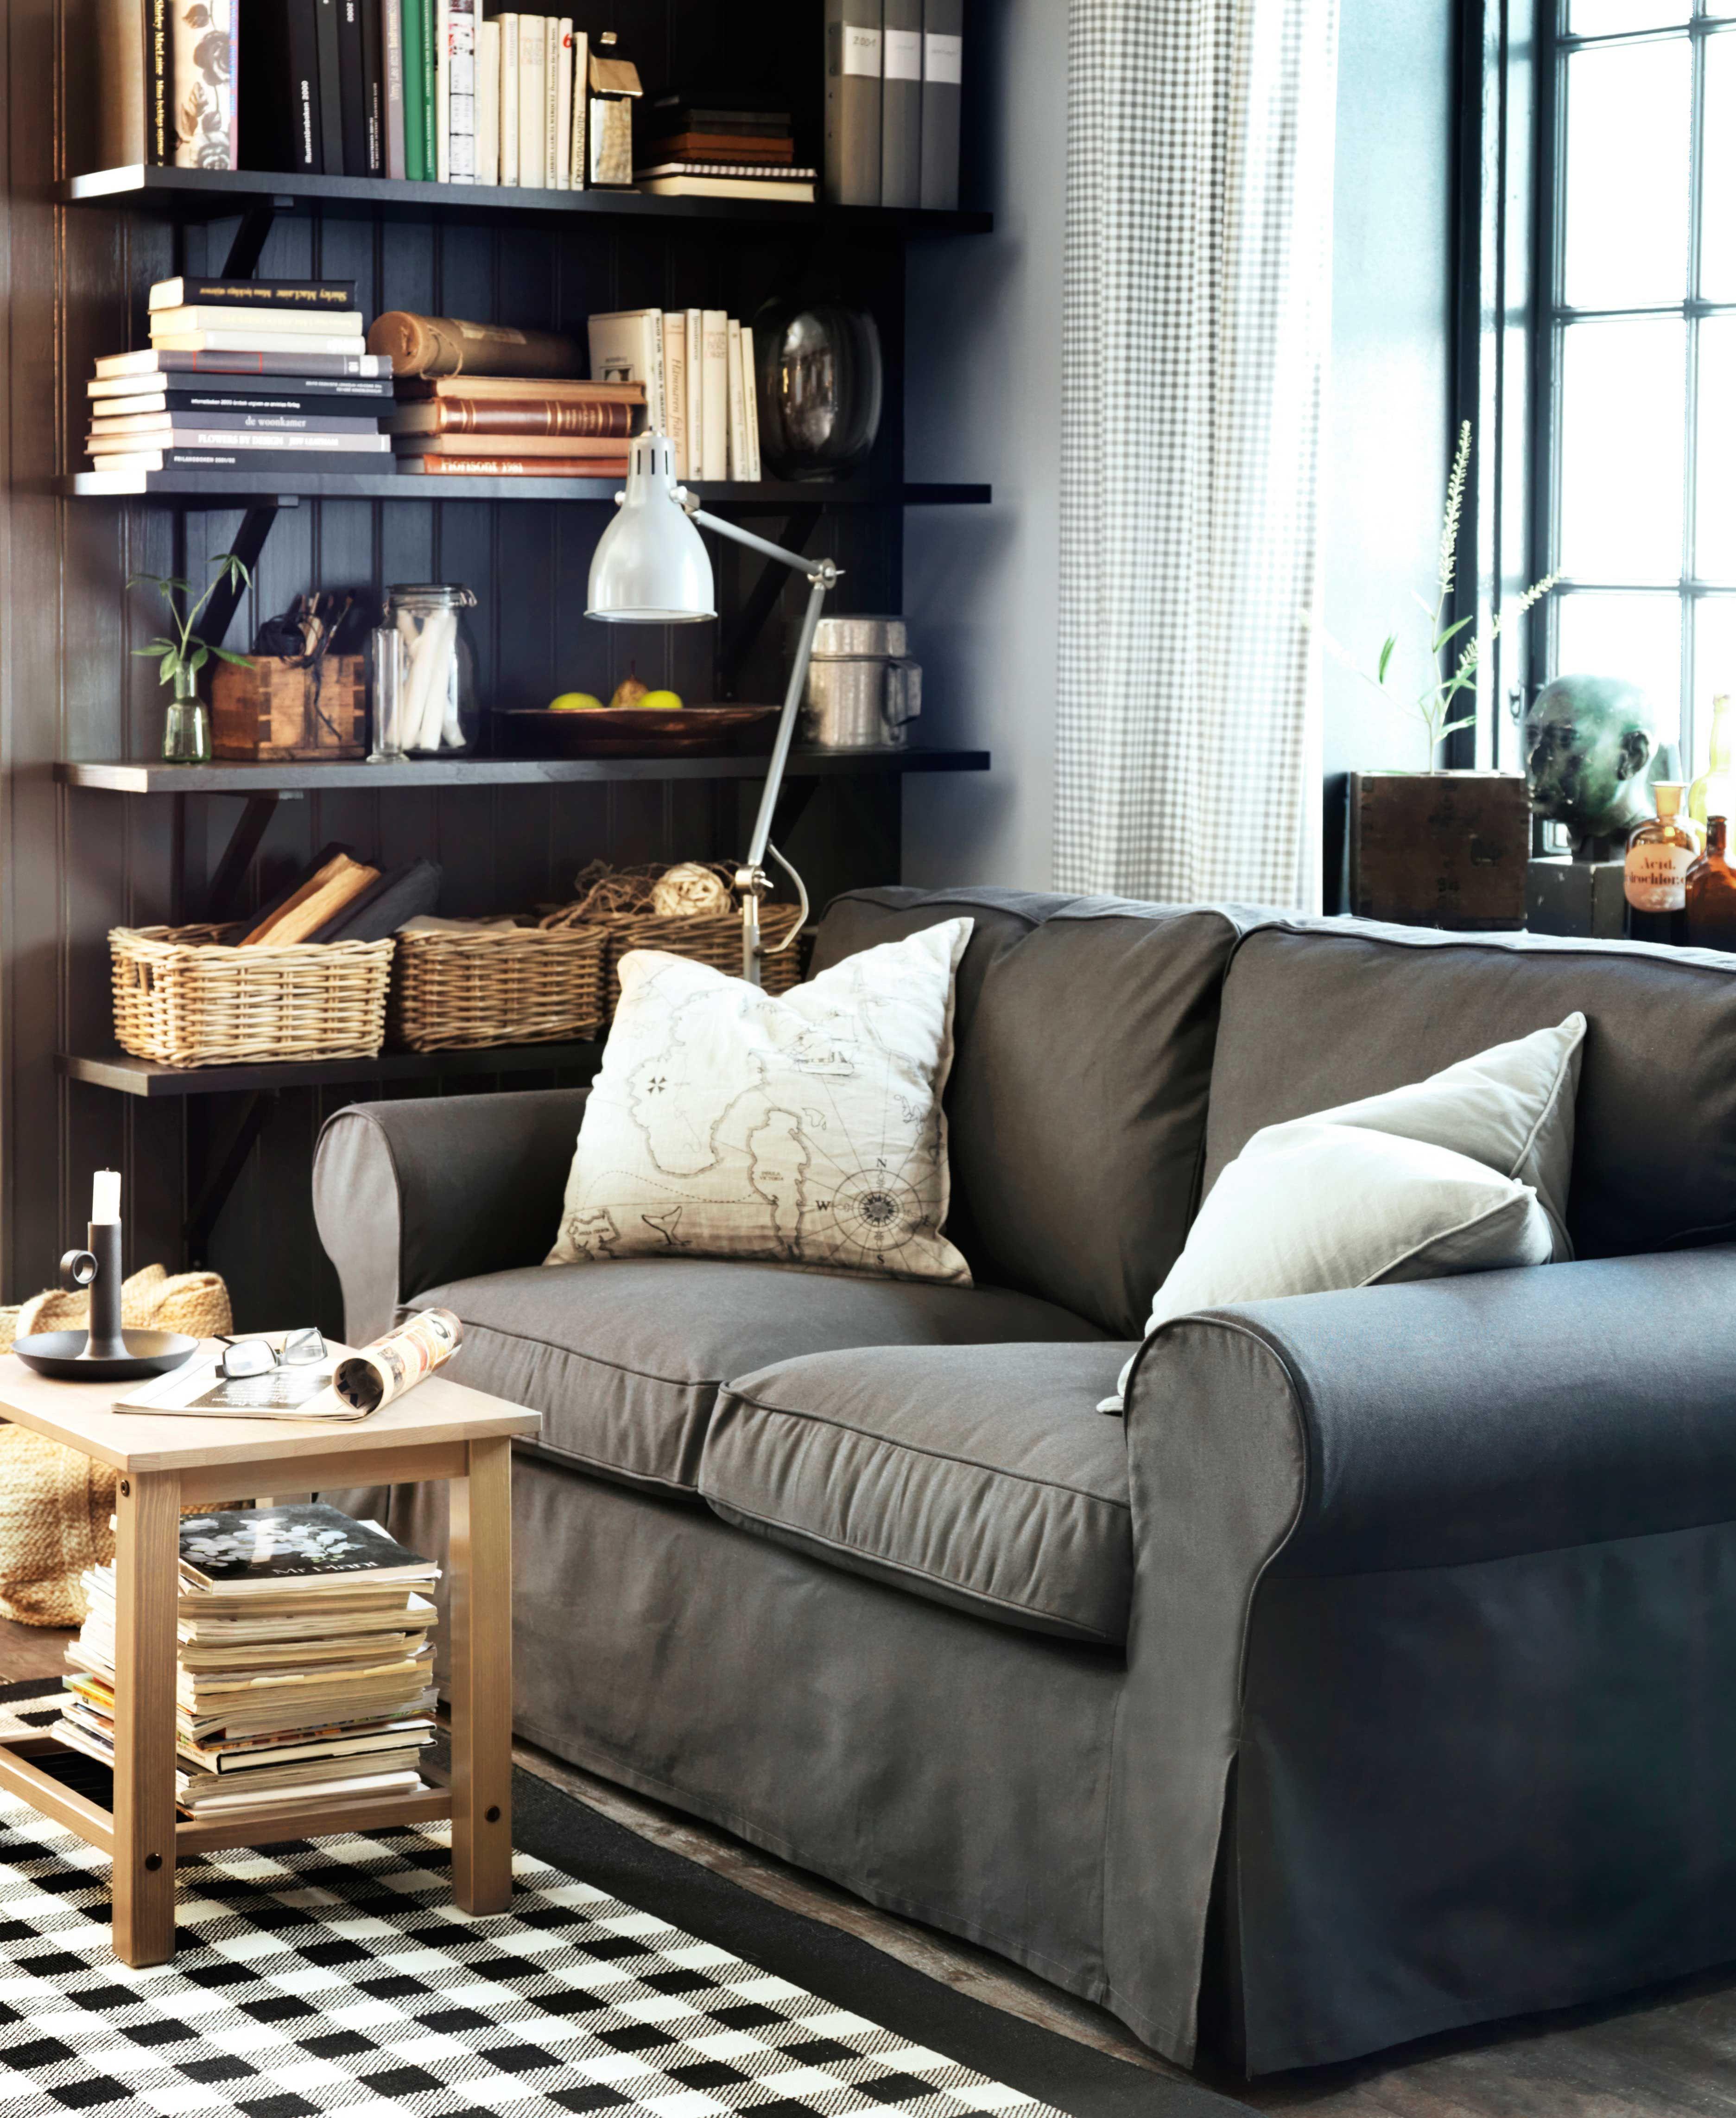 IKEA sterreich Inspiration Wohnzimmer Sitzecke Sofa EKTORP Leuchte ARD Teppich MILLINGE